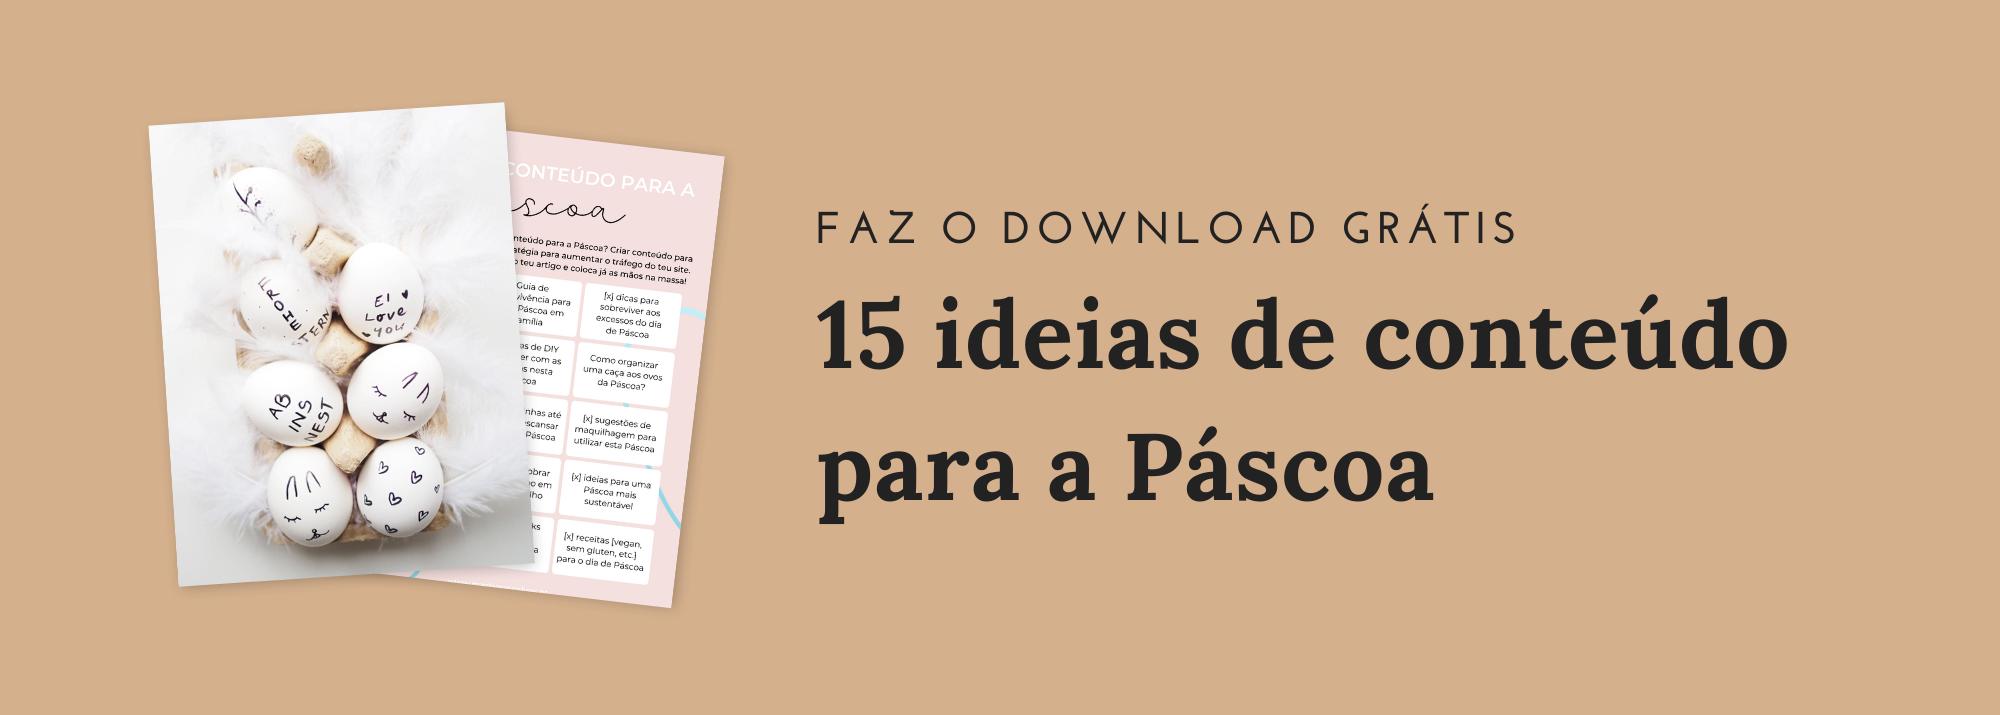 15-ideias-de-conteúdo-para-a-Páscoa-2